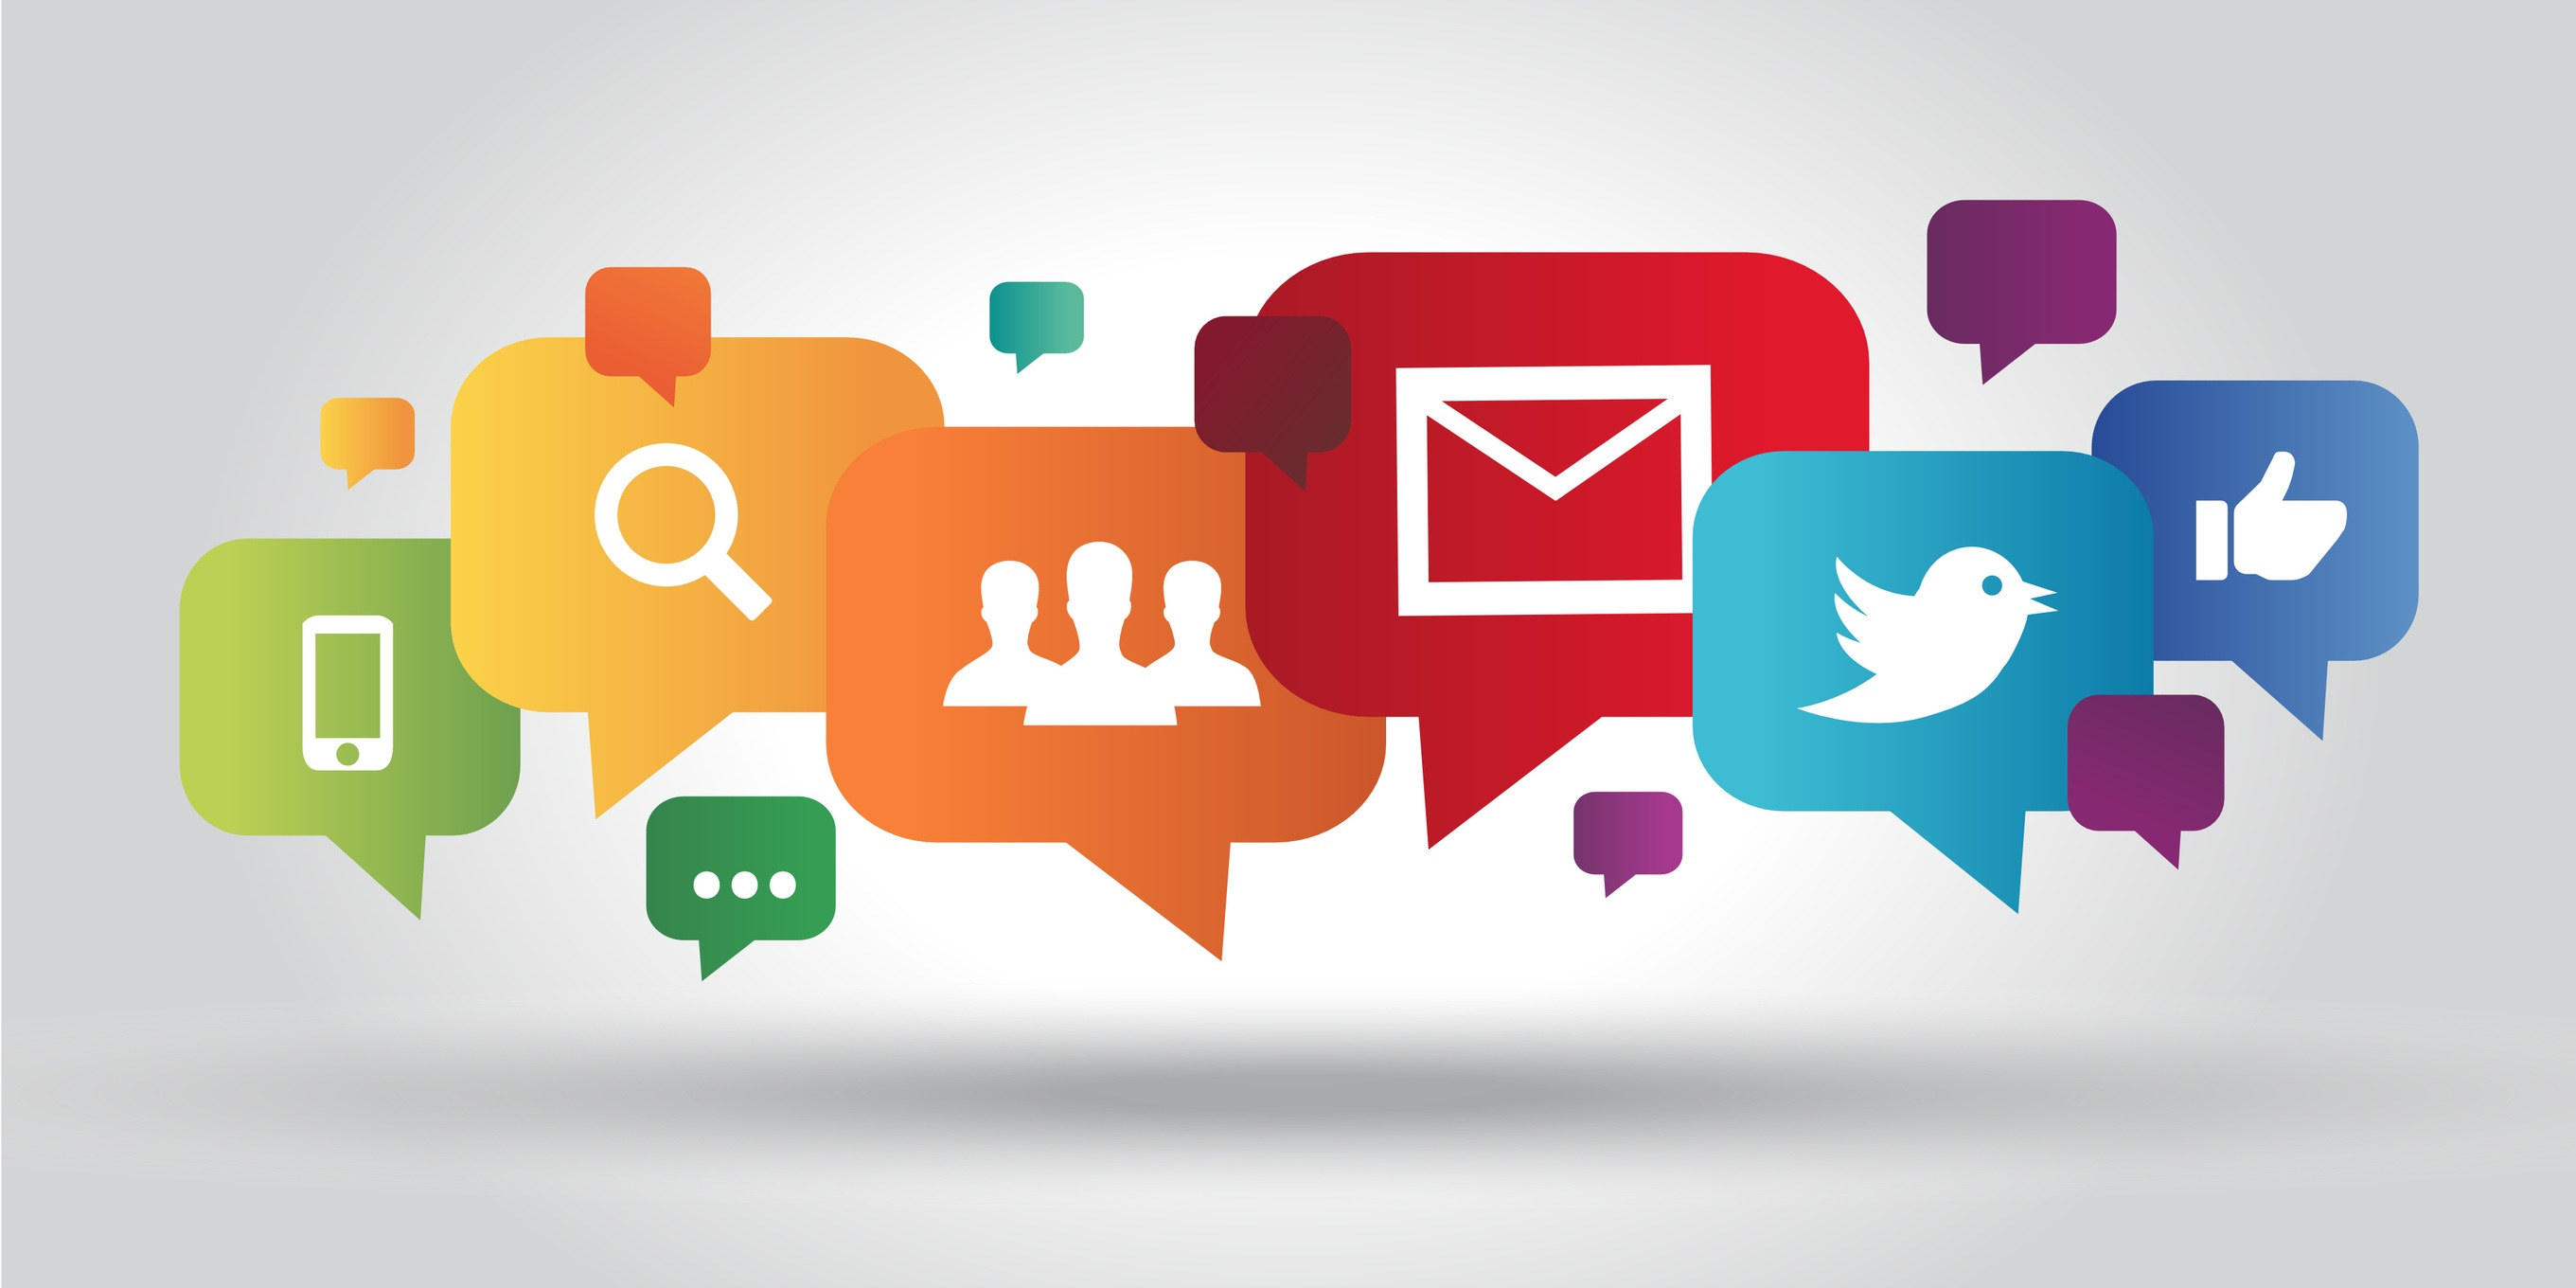 Магия контент-маркетинга, или использование эффективных инструментов